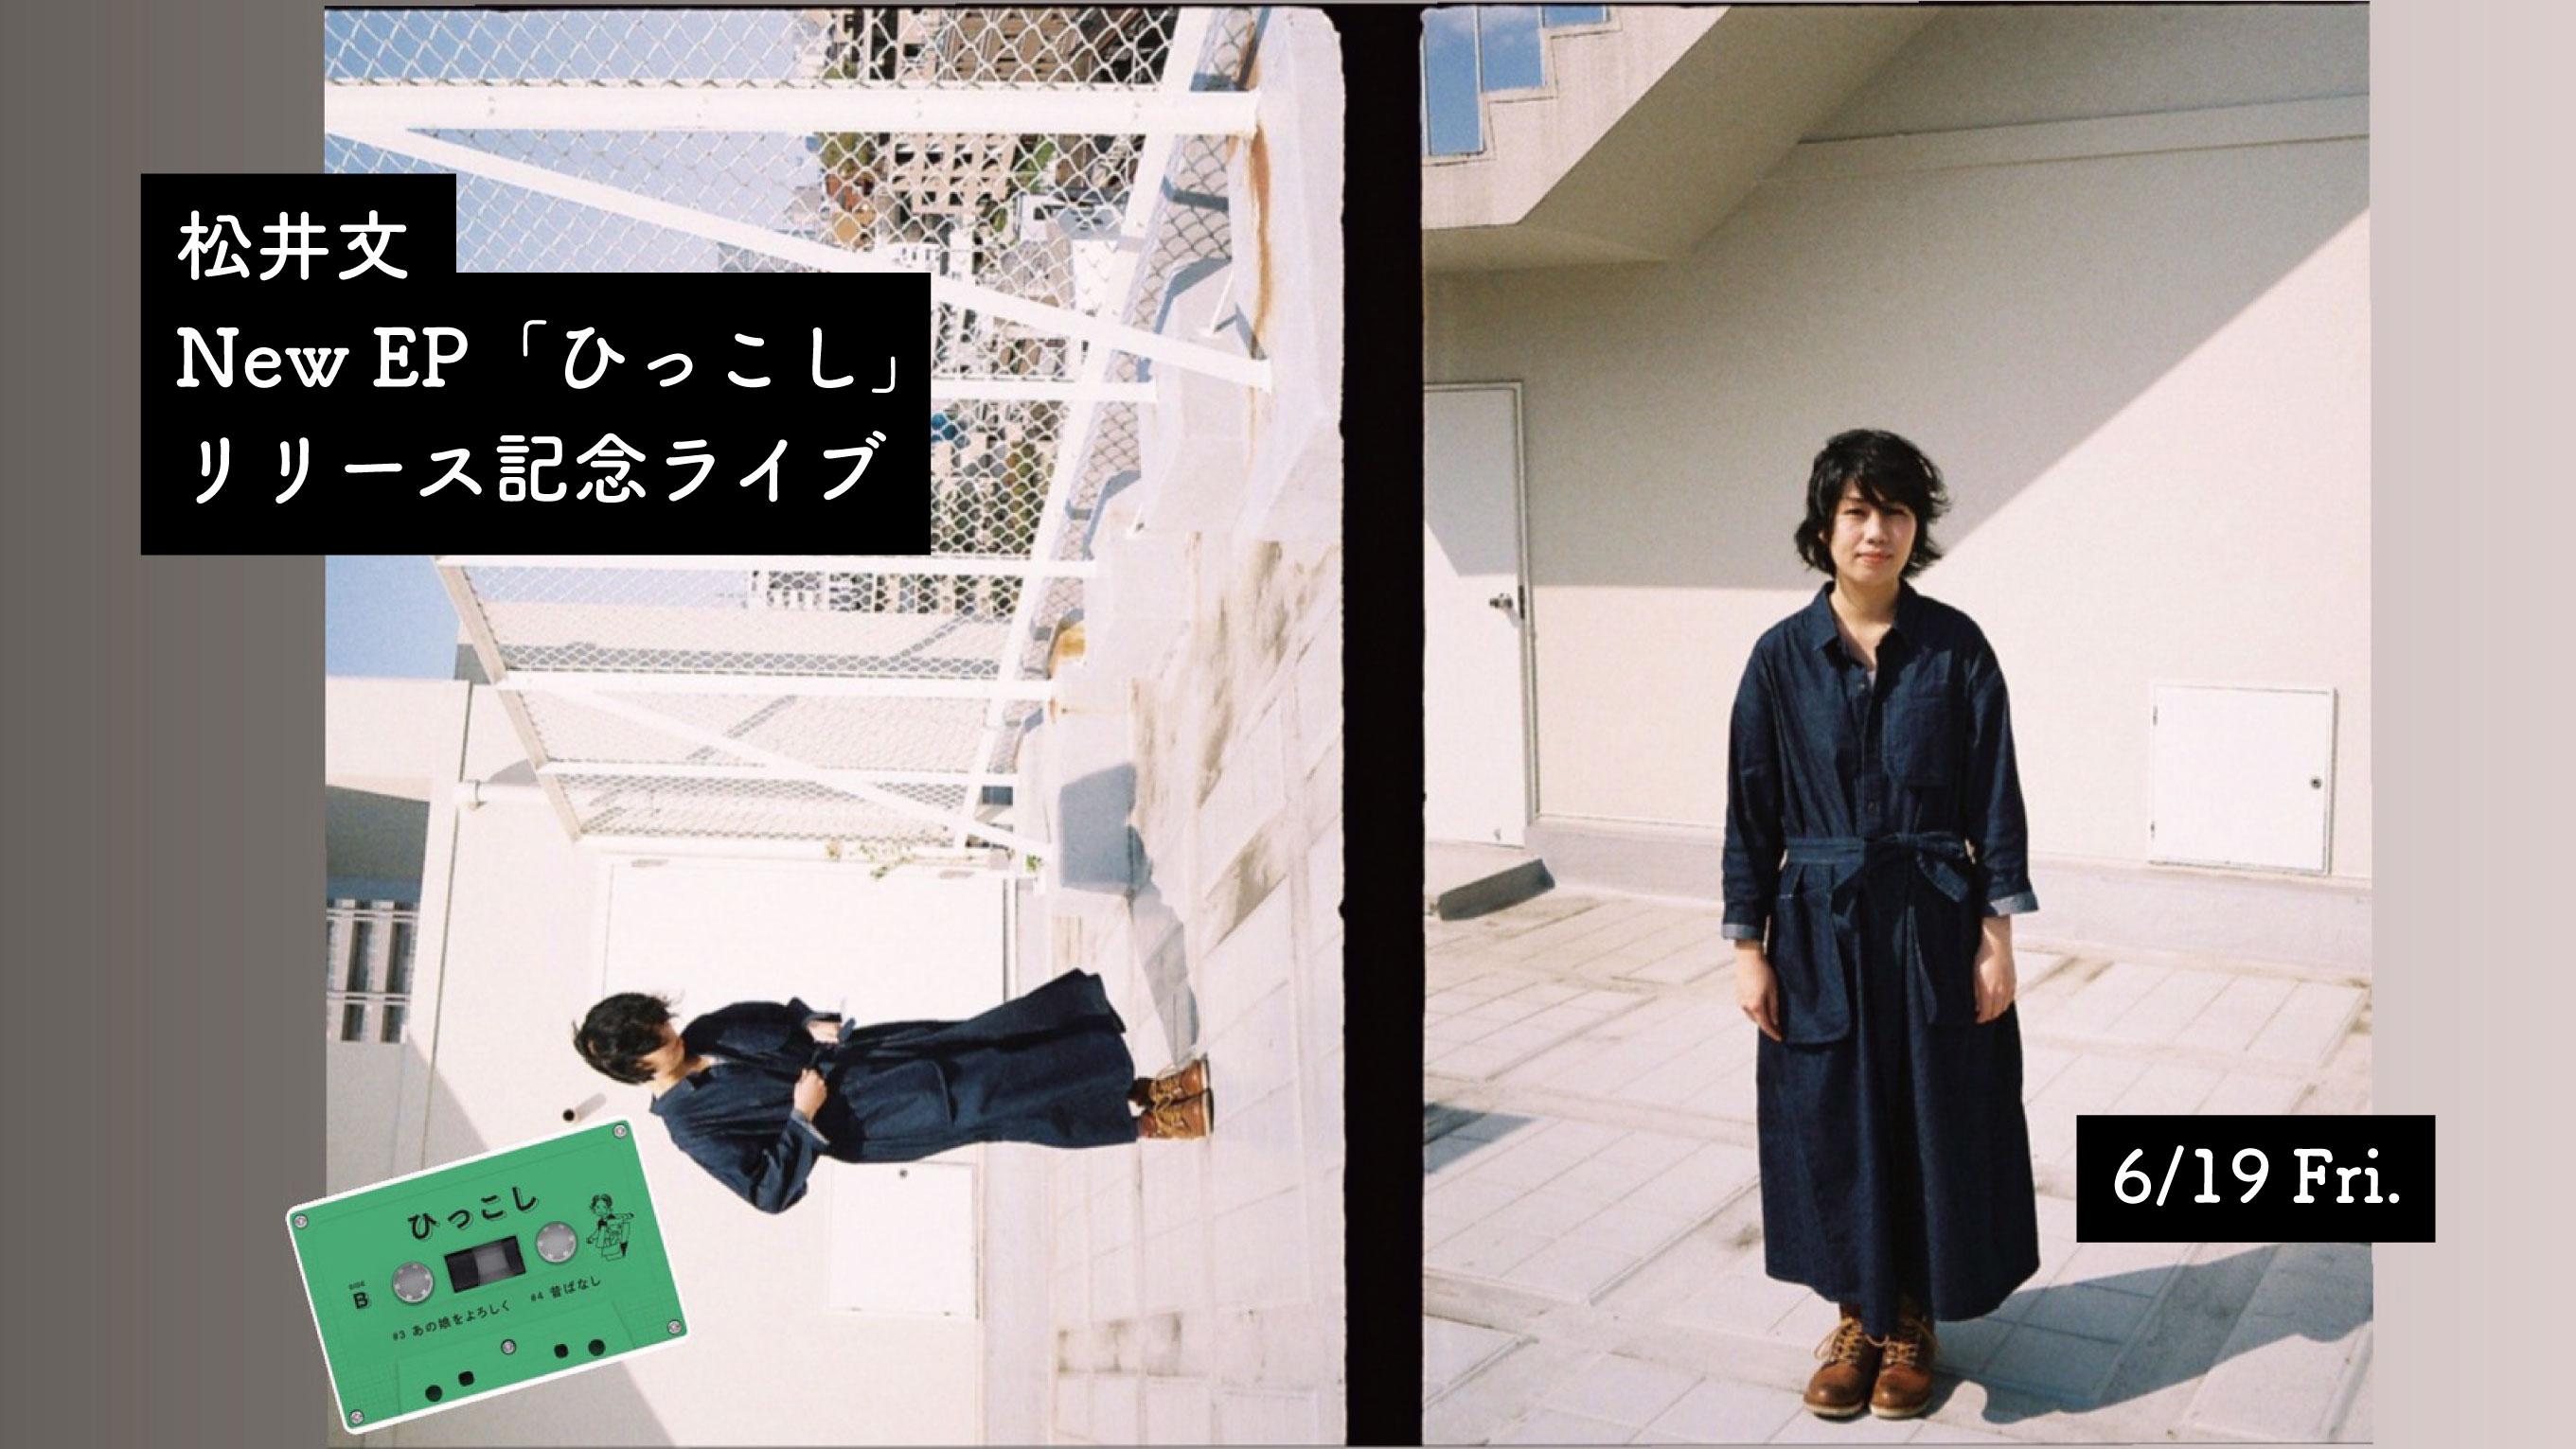 【無観客生配信/ Live Streaming】松井文 New EP「ひっこし」リリース記念ライブ